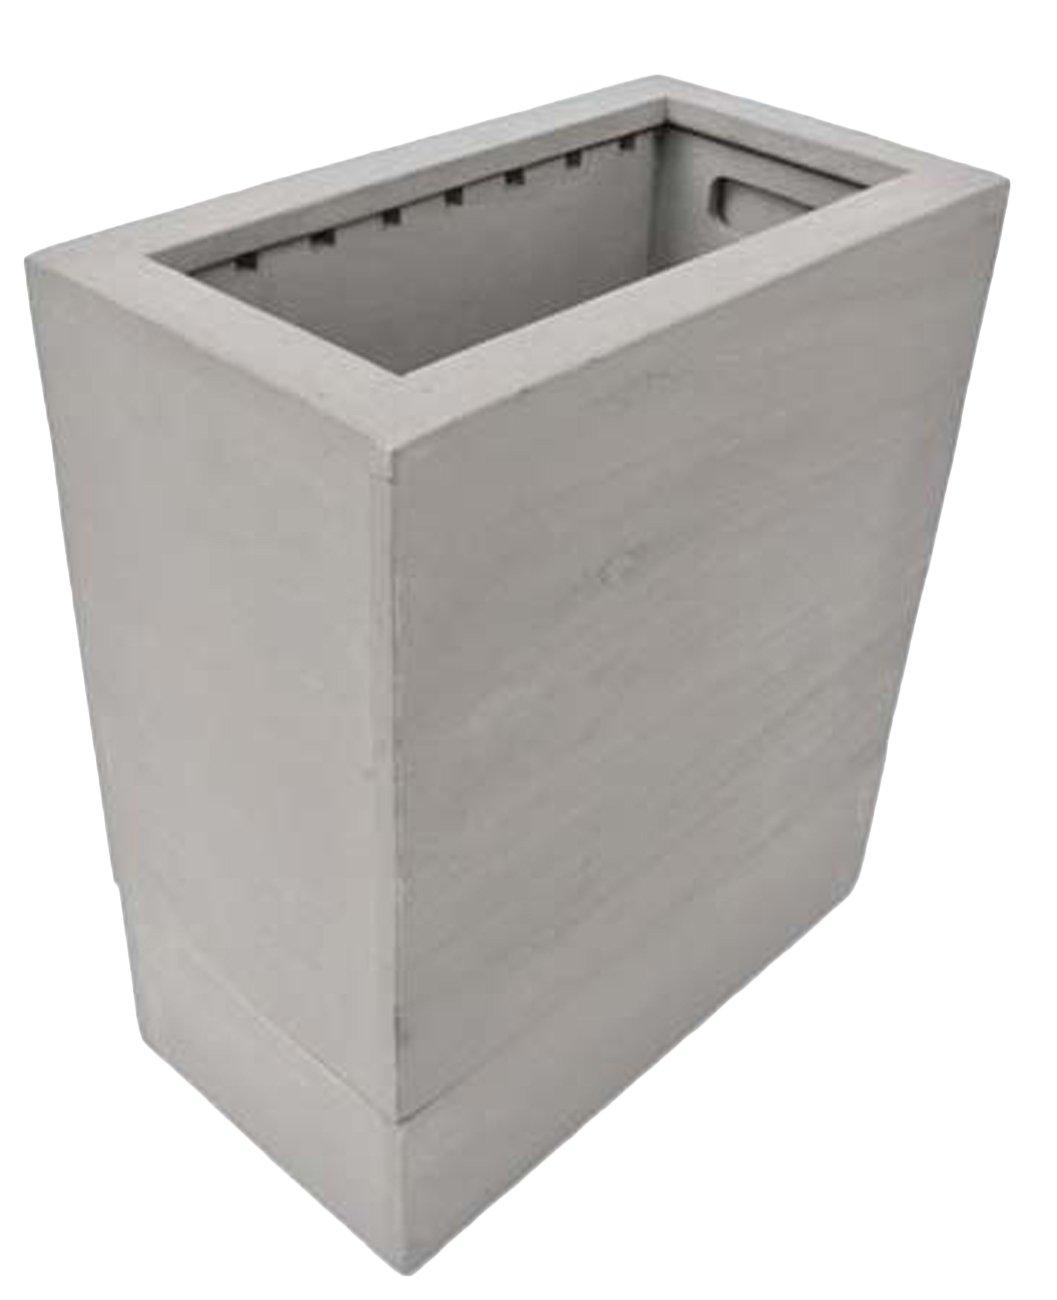 pf-026-a ONE-SIZE(33.0x18.0x38.0) GREY-WASH (ヨンユー)4u 木製ごみばこ ごみ箱 ゴミ箱 カバー ダストボックス 天然木 おしゃれ キッチン リビング ダイニング トラッシュポット トラッシュカン pf-026 B01G5HFG64 ONE-SIZE(33.0x18.0x38.0)|GREY-WASH GREY-WASH ONE-SIZE(33.0x18.0x38.0)